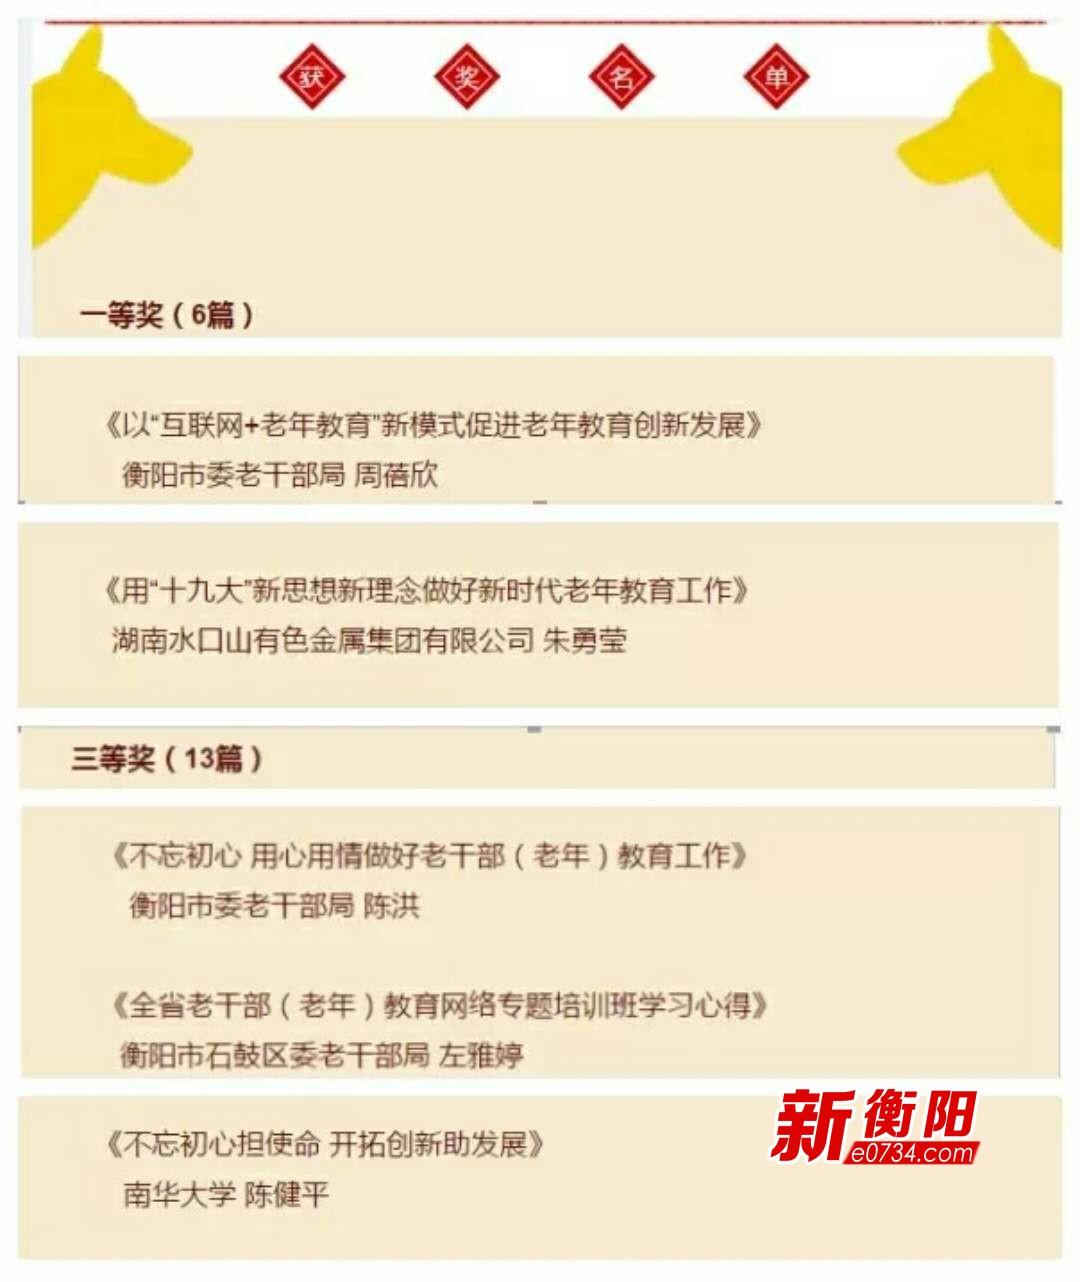 衡阳市老干部(老年)教育政治理论研讨喜创佳绩